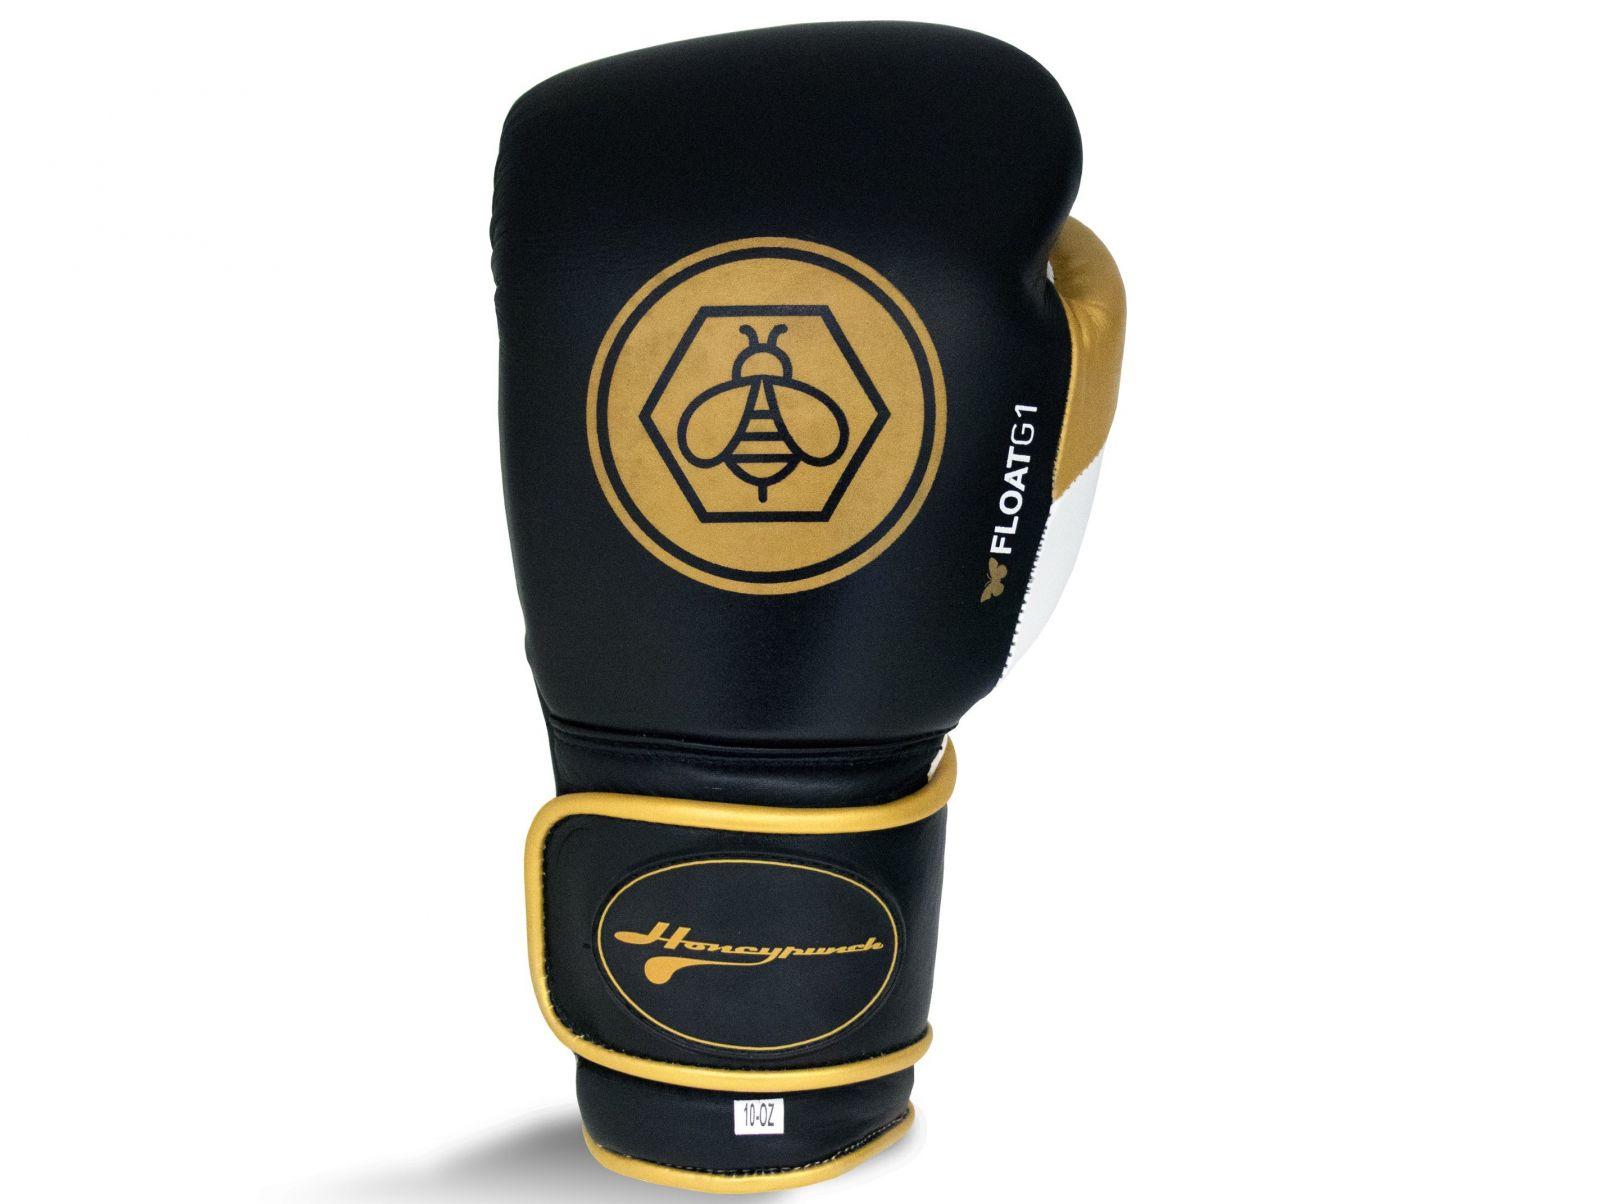 RINGSIDE Boxerské rukavice Honey Punch Float G1 (16oz) - černá/zlatá